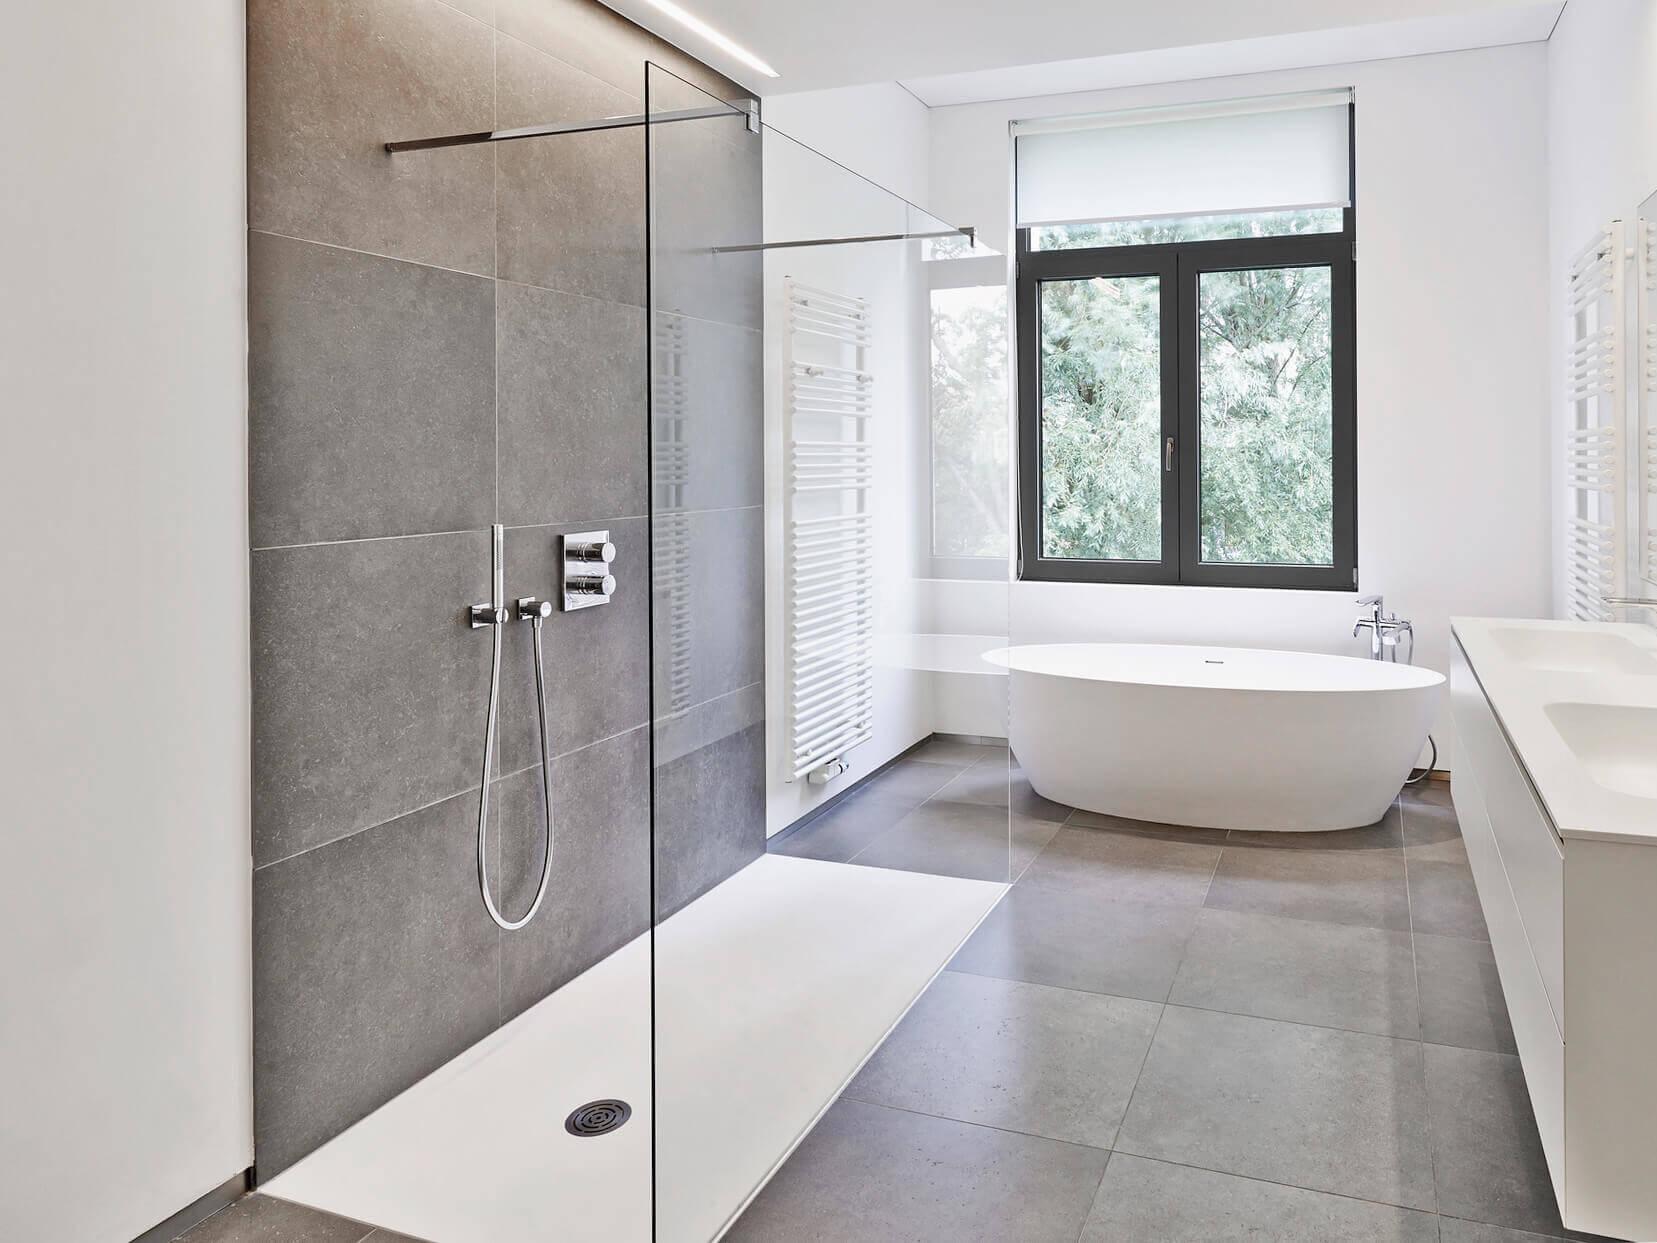 barrierefreie_Walk_In_Dusche_aus_Glas_im_modernen_und_offenen_Badezimmer